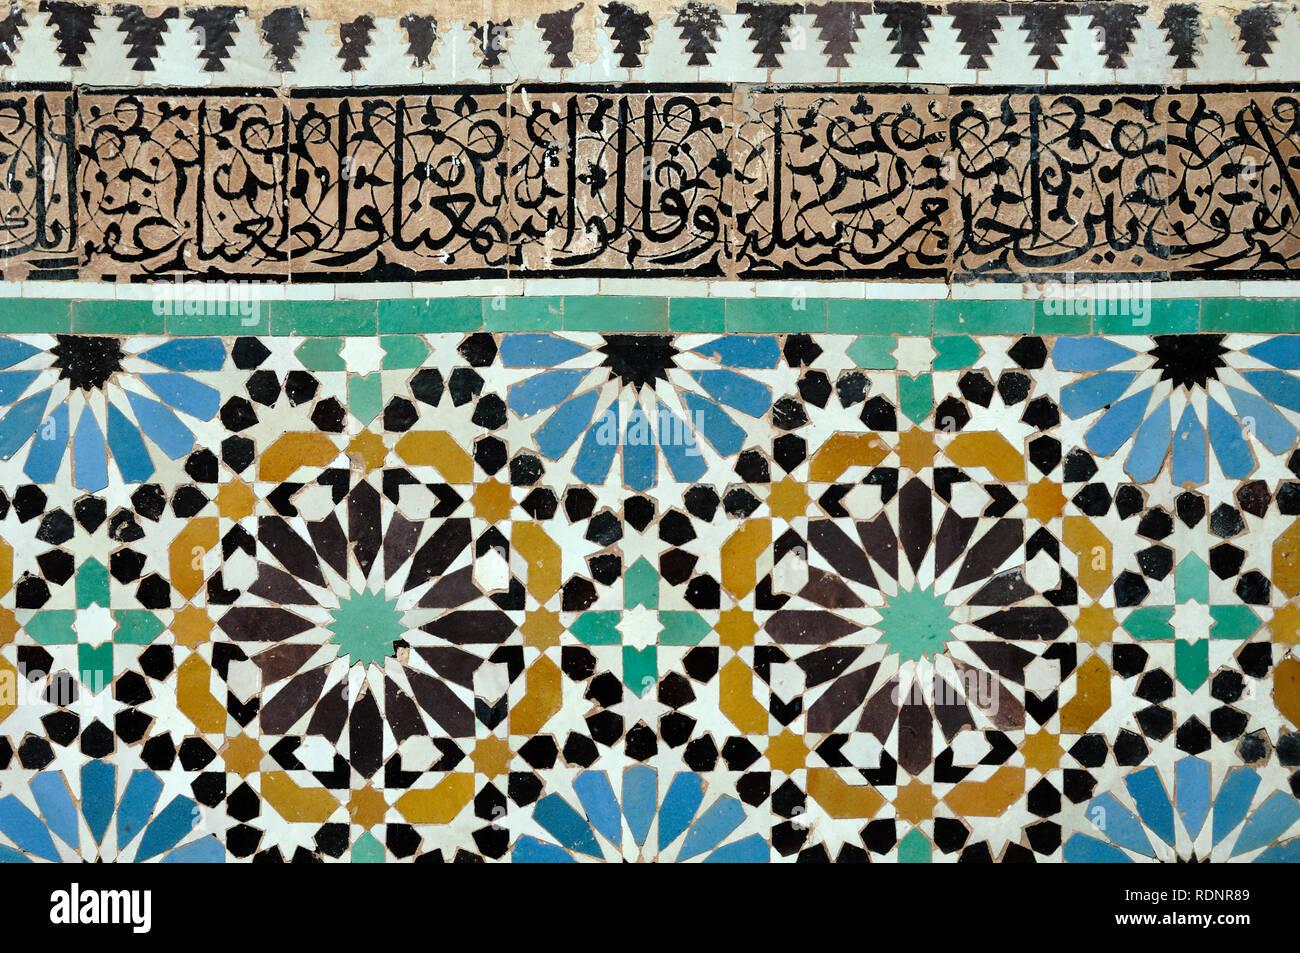 Piastrelle marocchine immagini piastrelle marocchine fotos stock